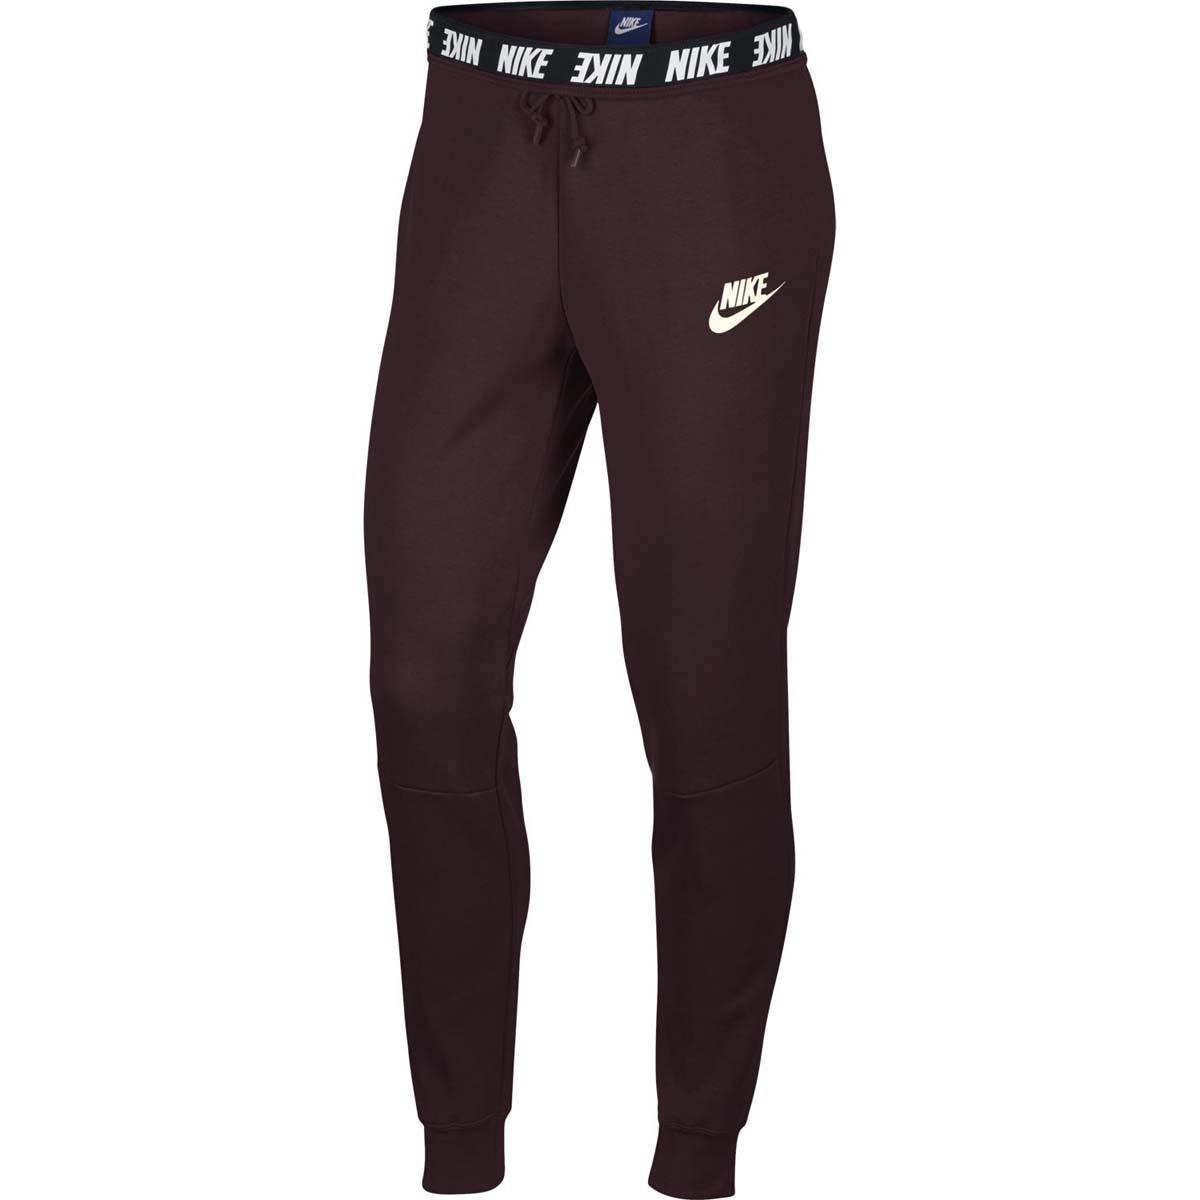 Bordeaux dames joggingbroek Nike - W NSW AV15 PANT